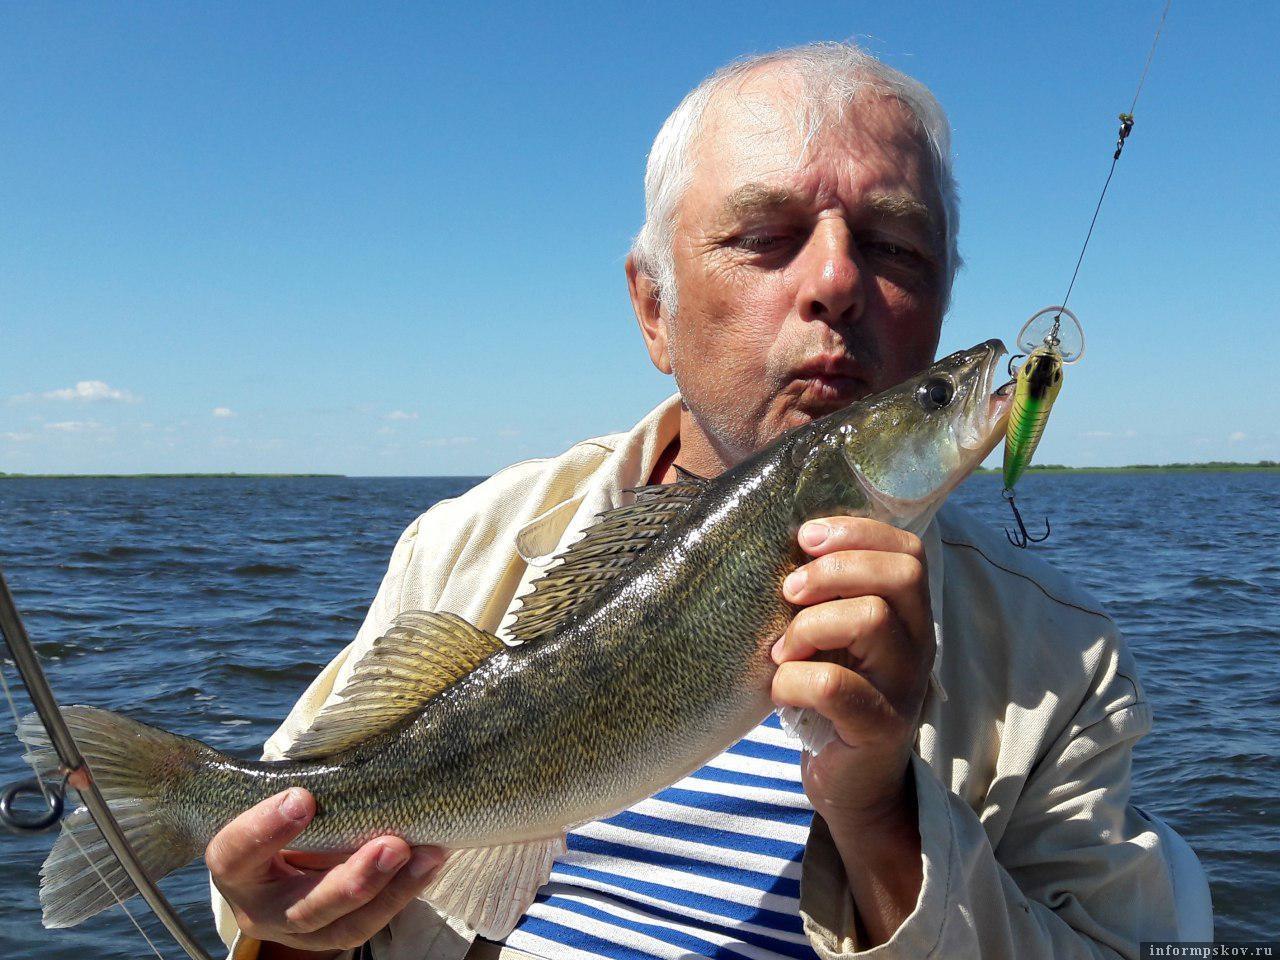 Второй год в Раскопельском заливе великолепные уловы судака. Как такому улову не порадоваться?